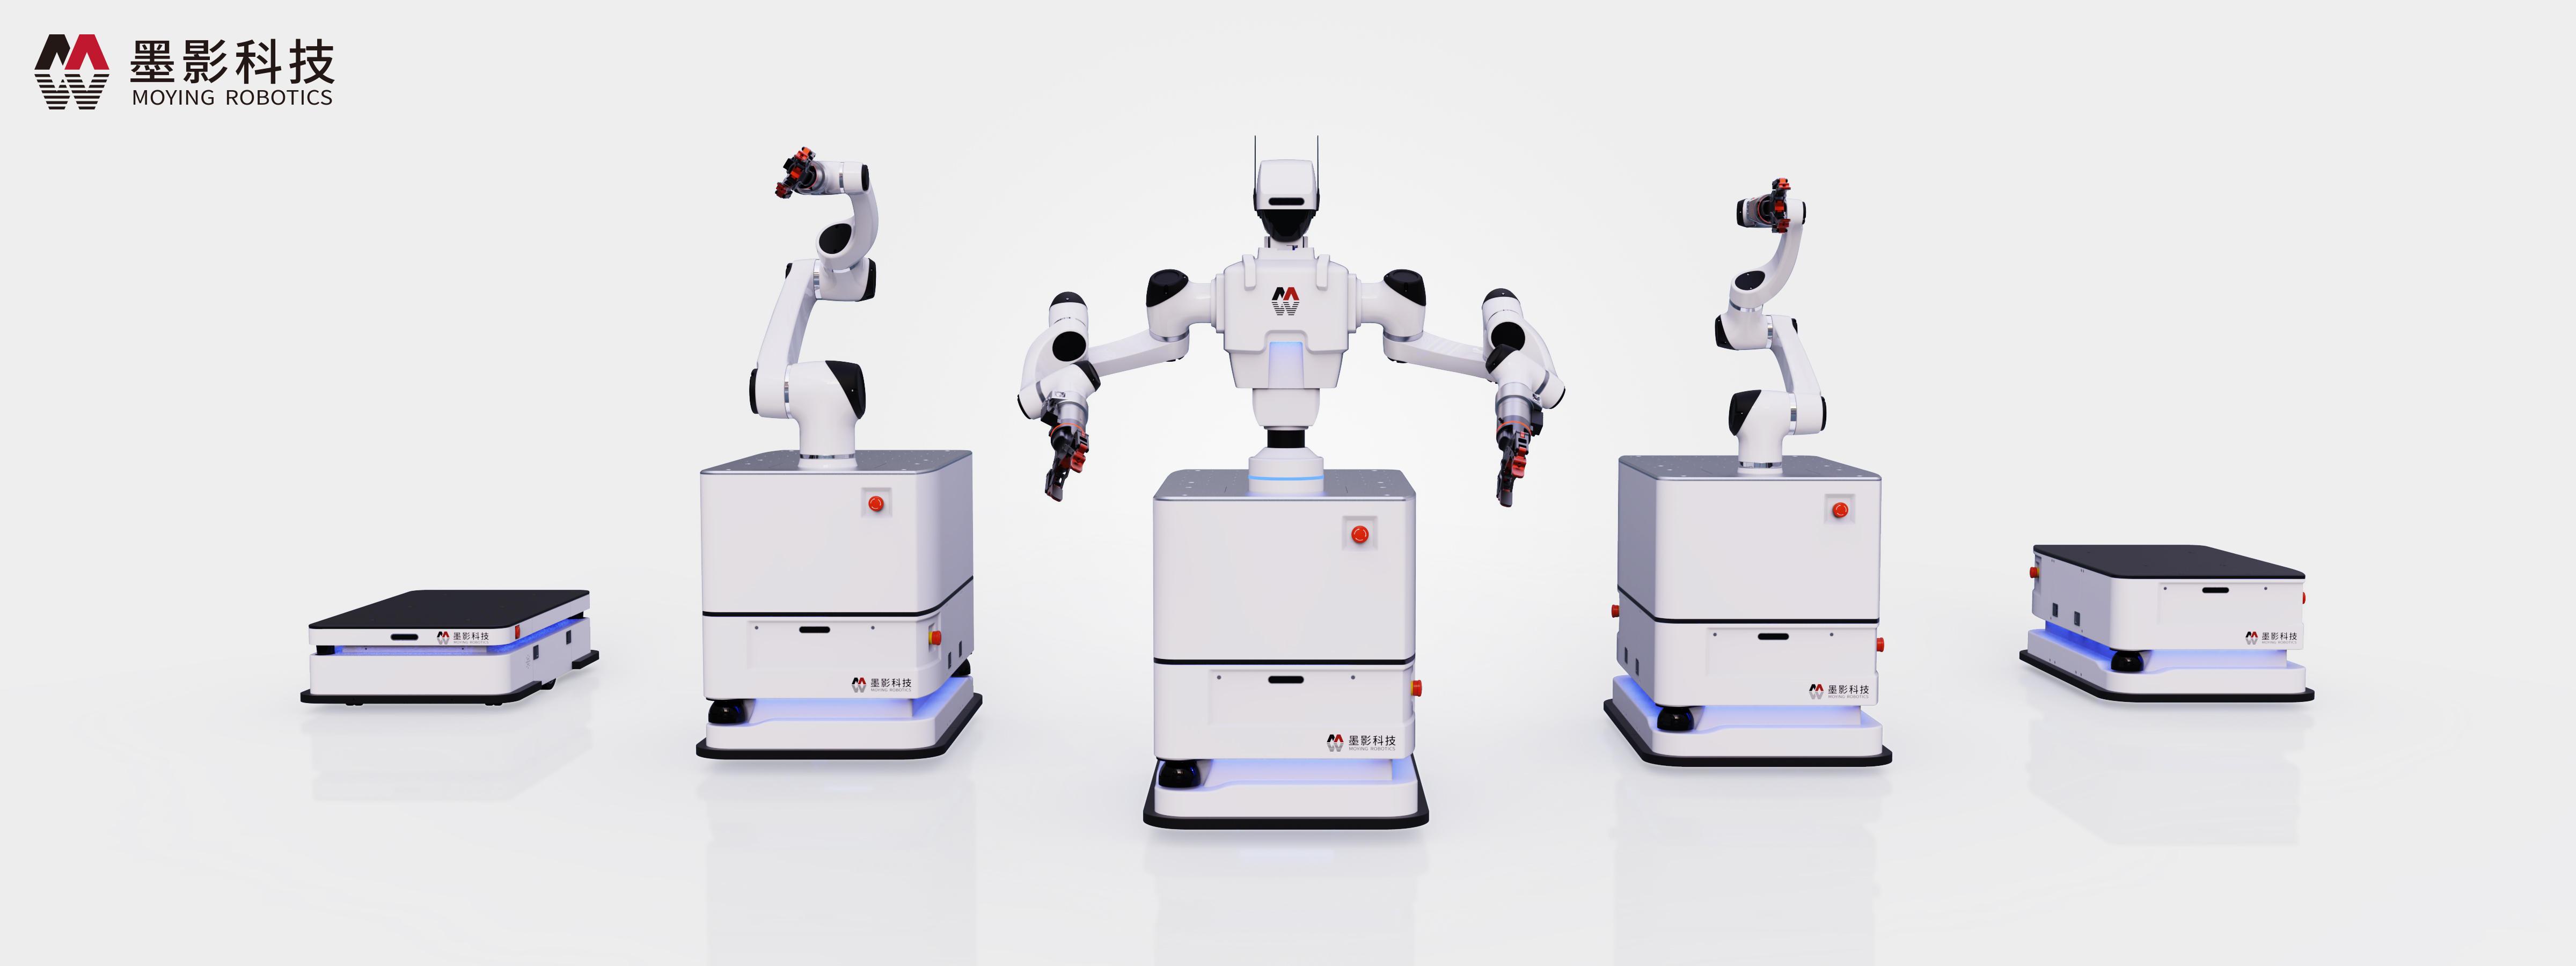 首发 | 自研工业级移动协作机器人,「墨影科技」获数千万元Pre-A轮融资